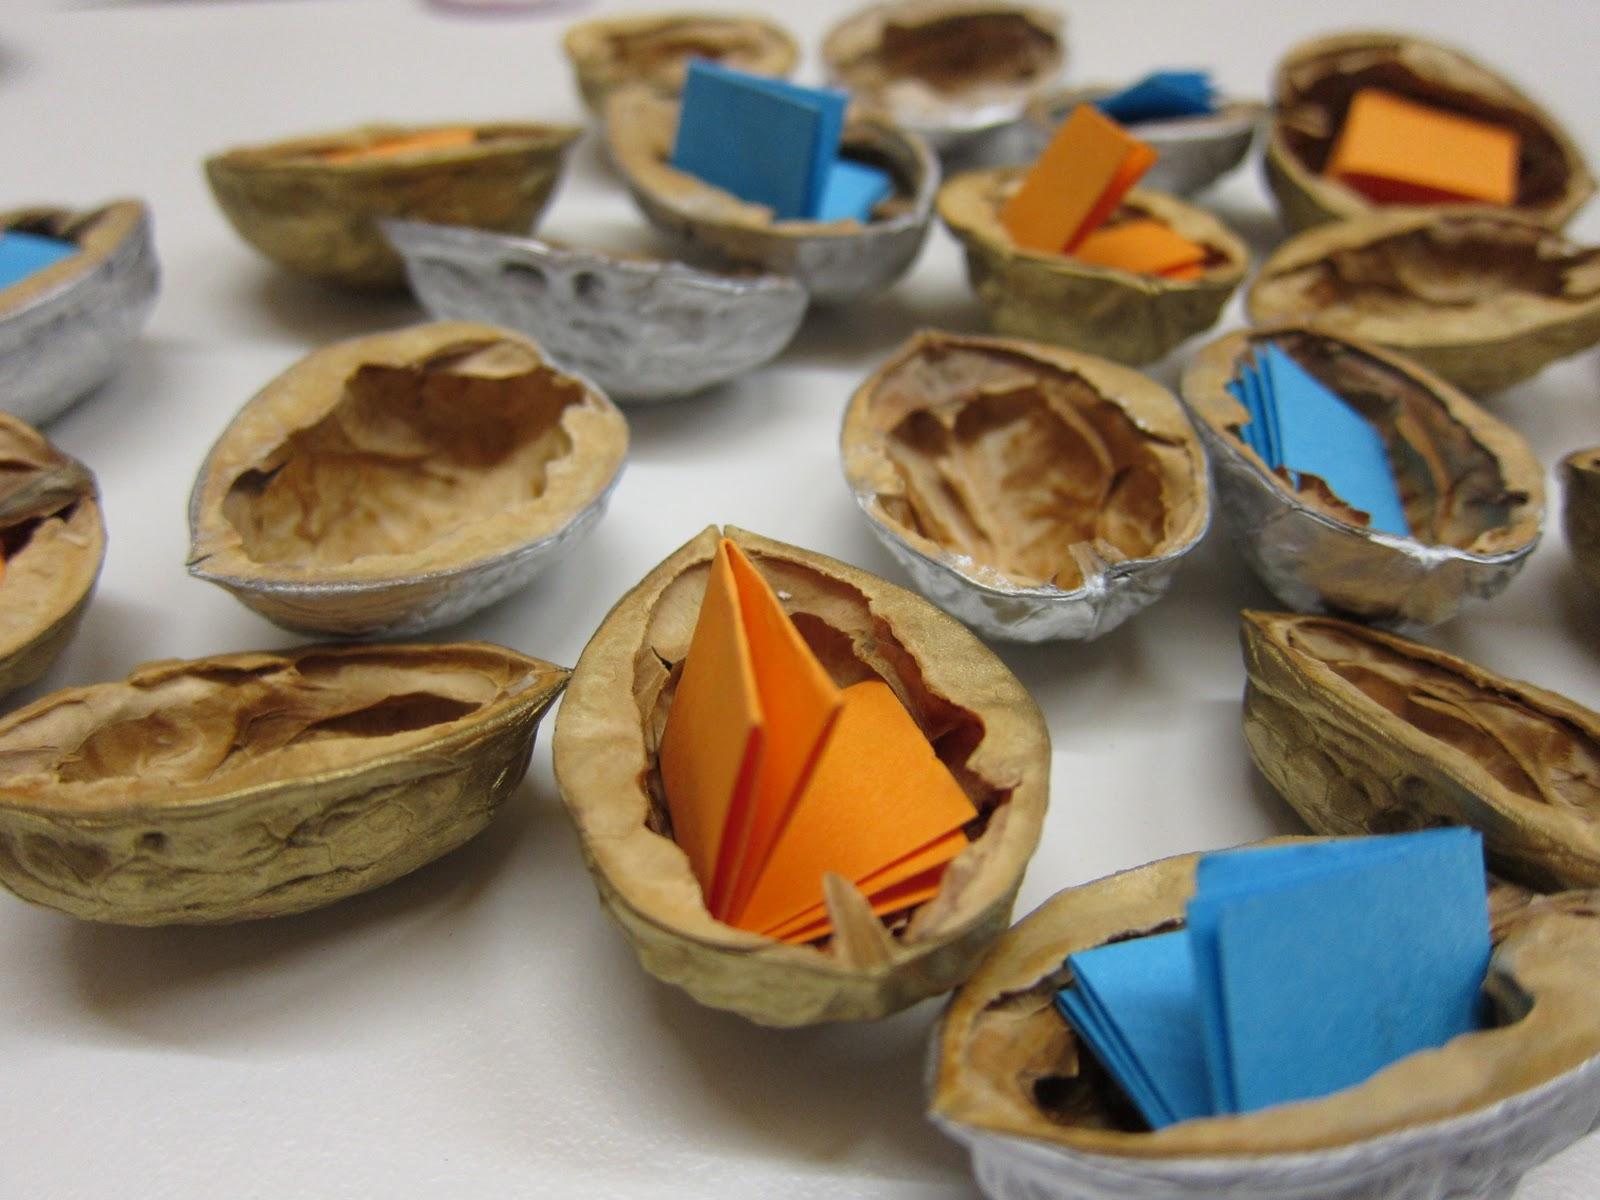 Licht farben formen zuerst essen dann basteln - Nussschalen deko ...